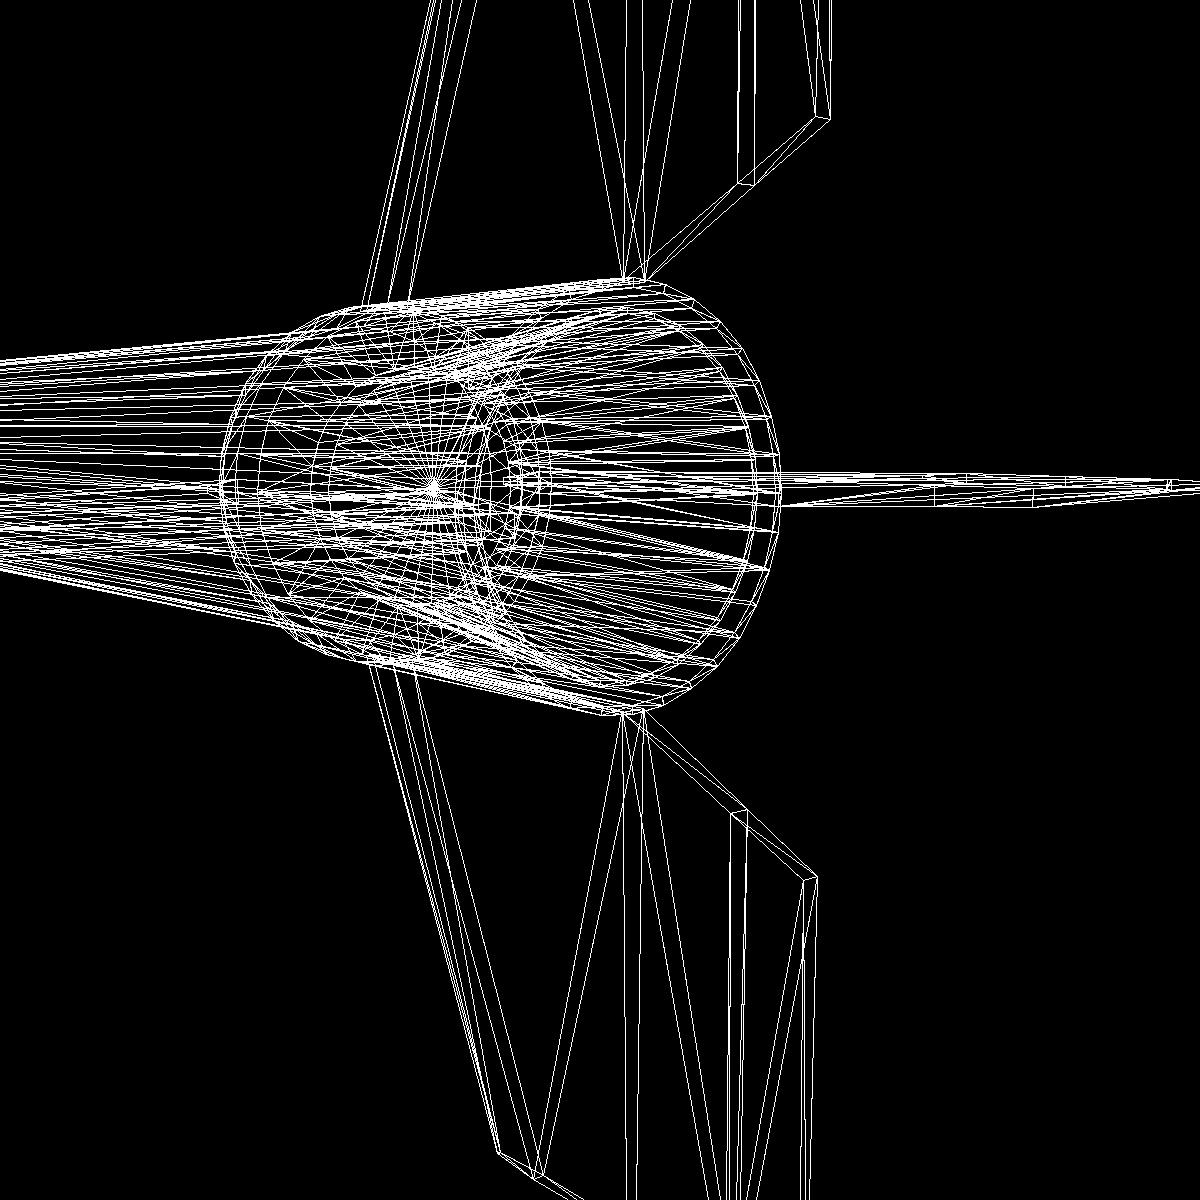 Orion I Rocket 3d model 3ds dxf fbx blend cob dae X  obj 208077